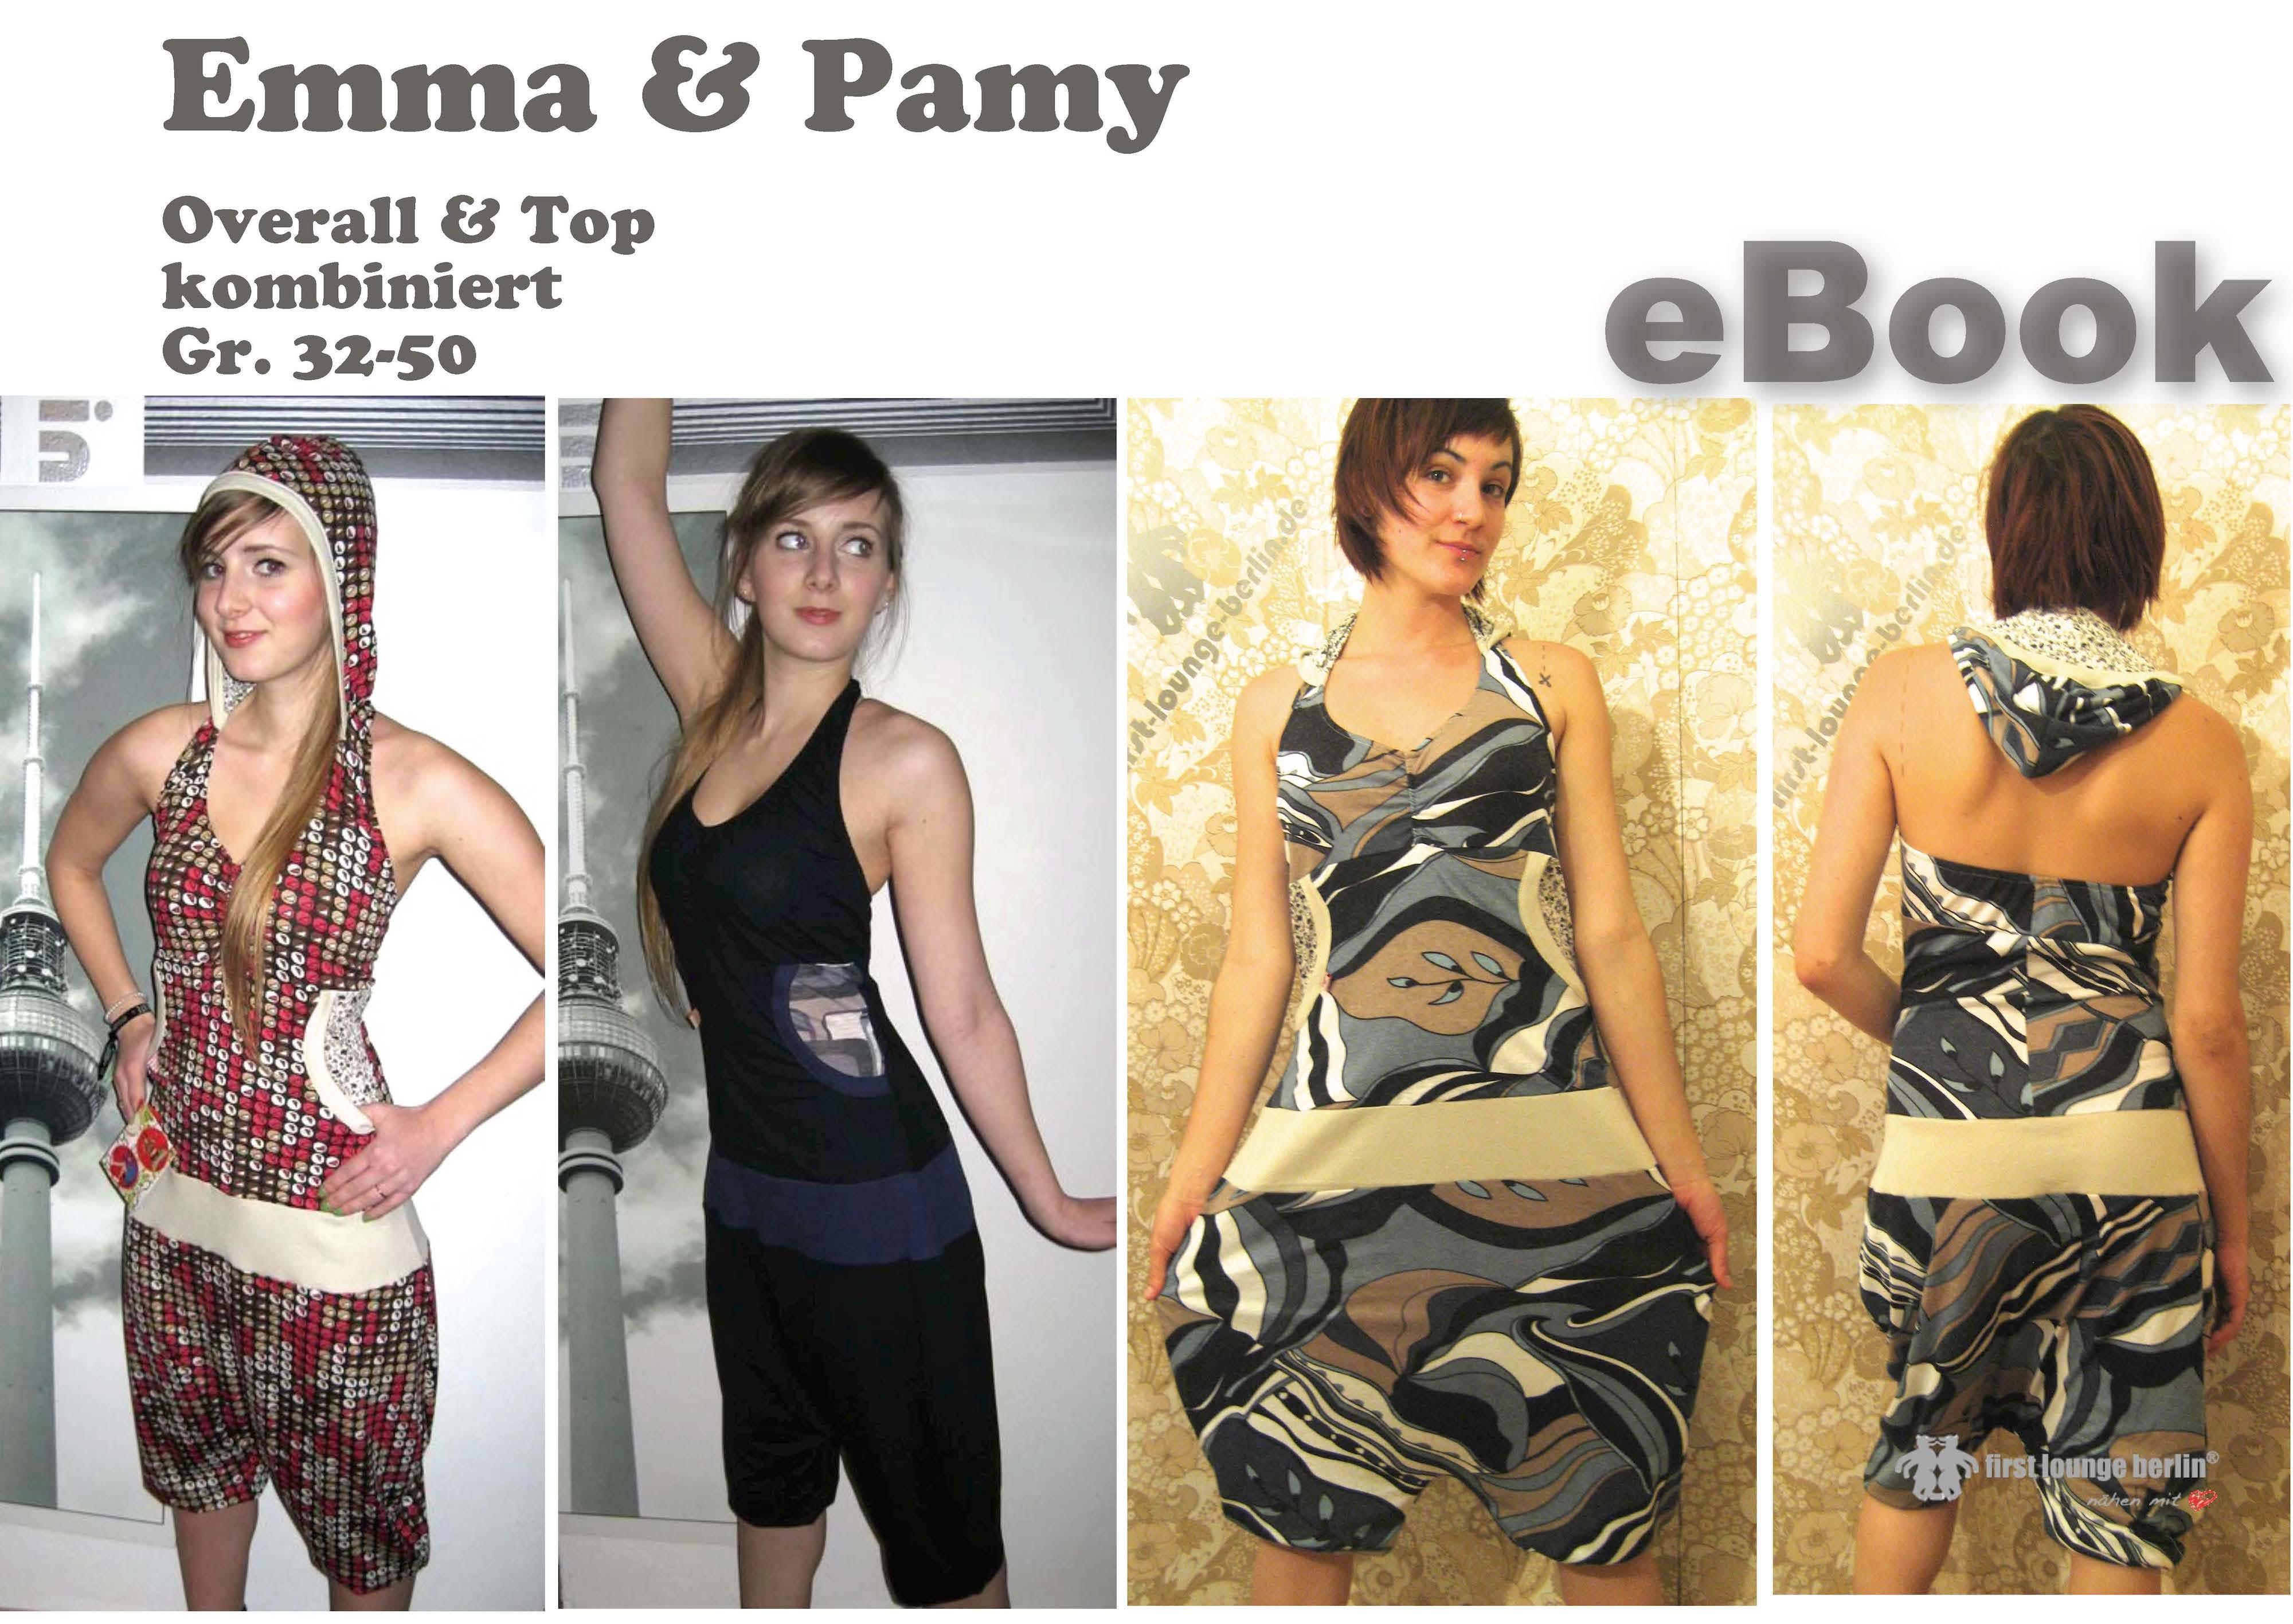 Emma & Pamy Nähanleitung mit Schnittmuster für Jersey-Overall und ...